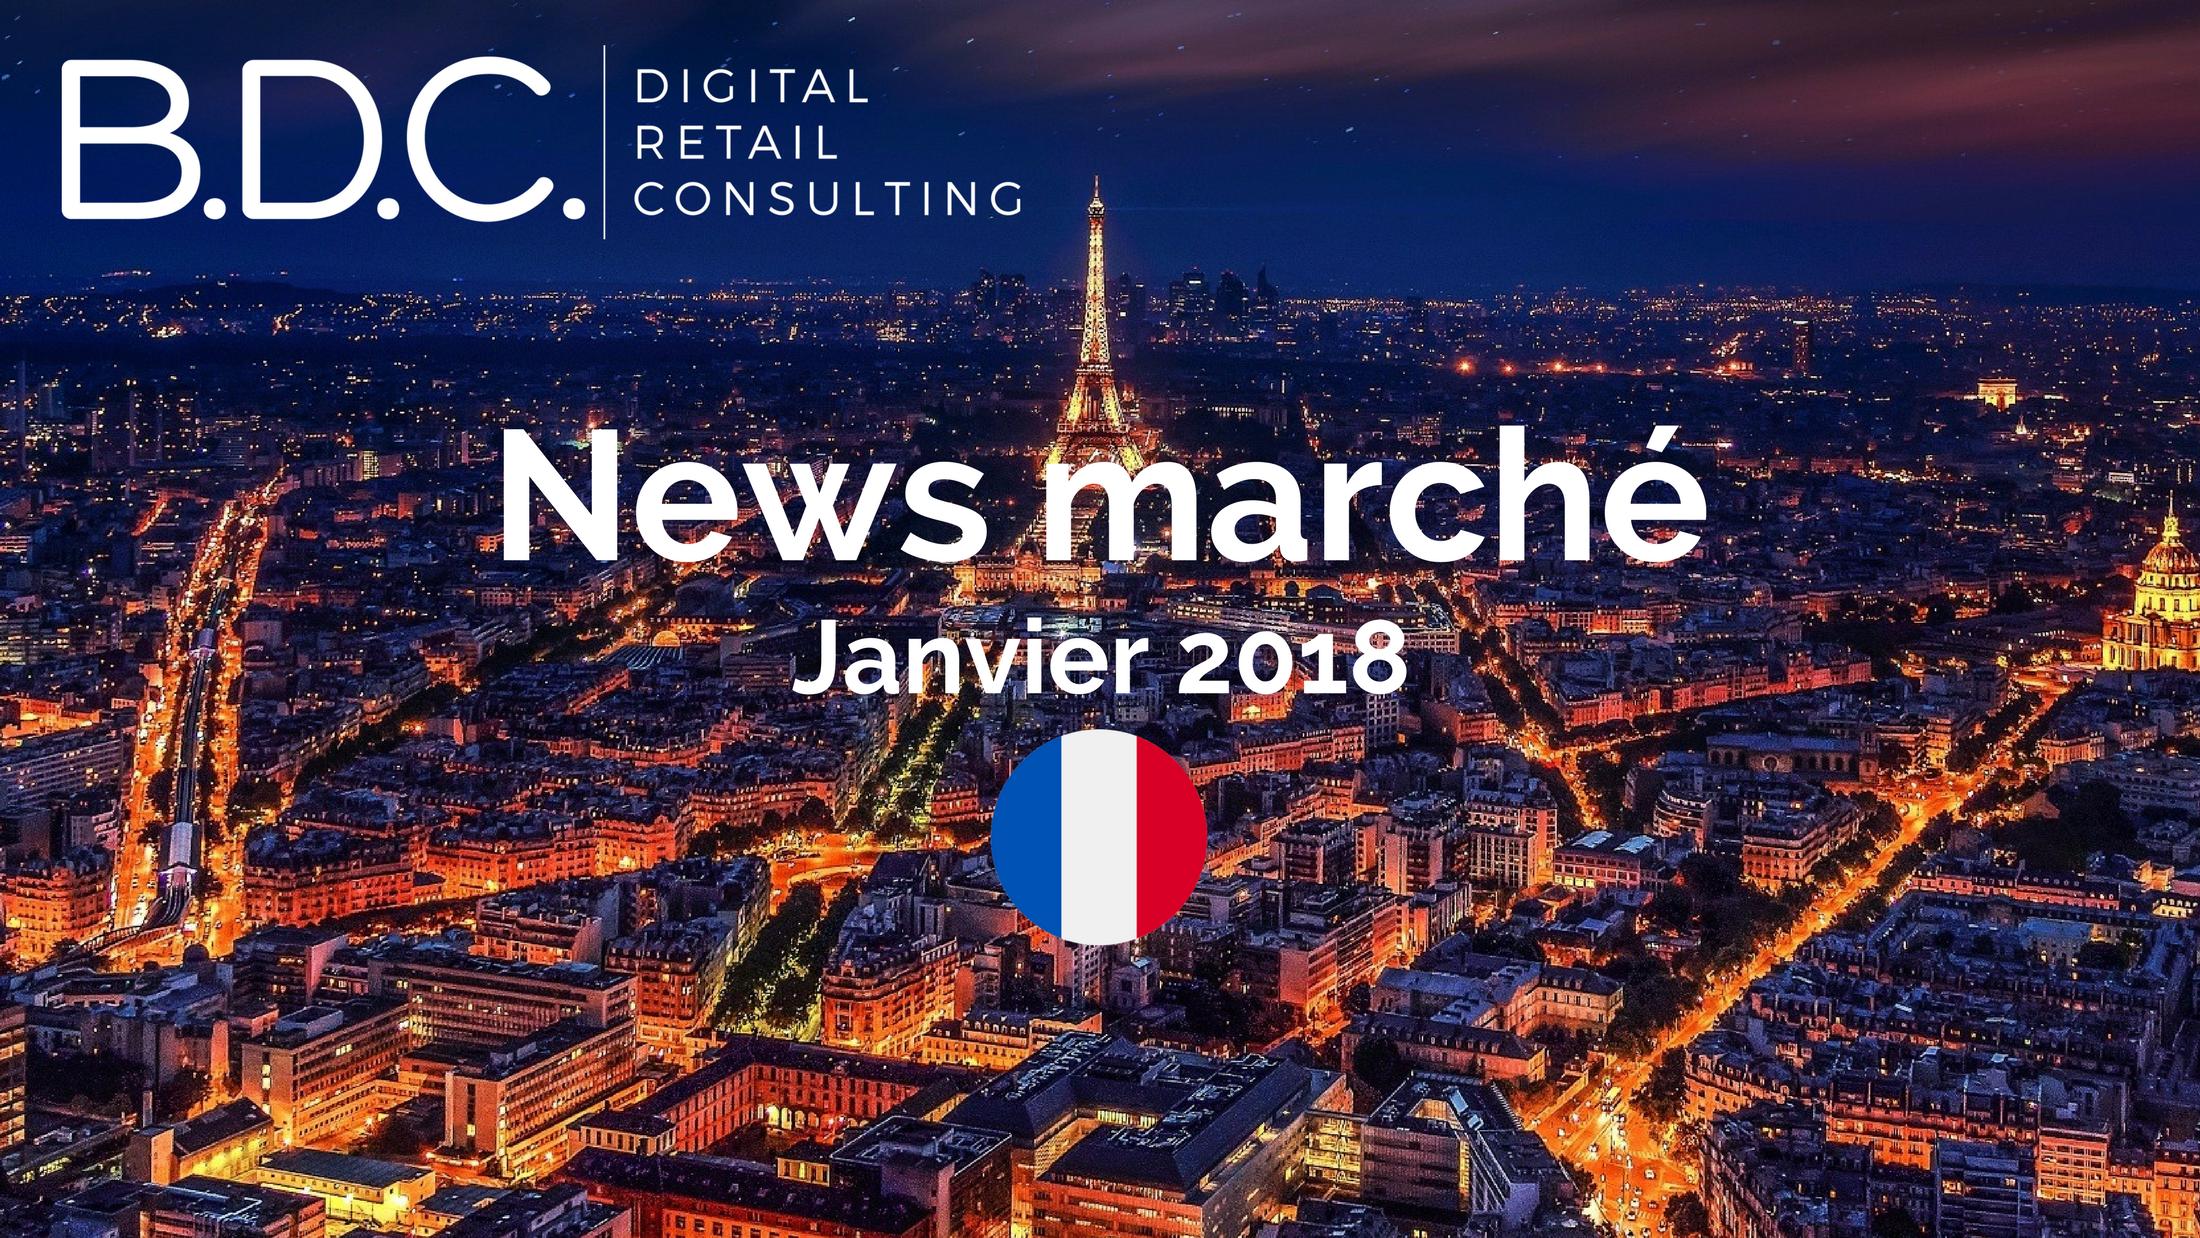 Trends News suite 4 - News marché - Janvier 2018